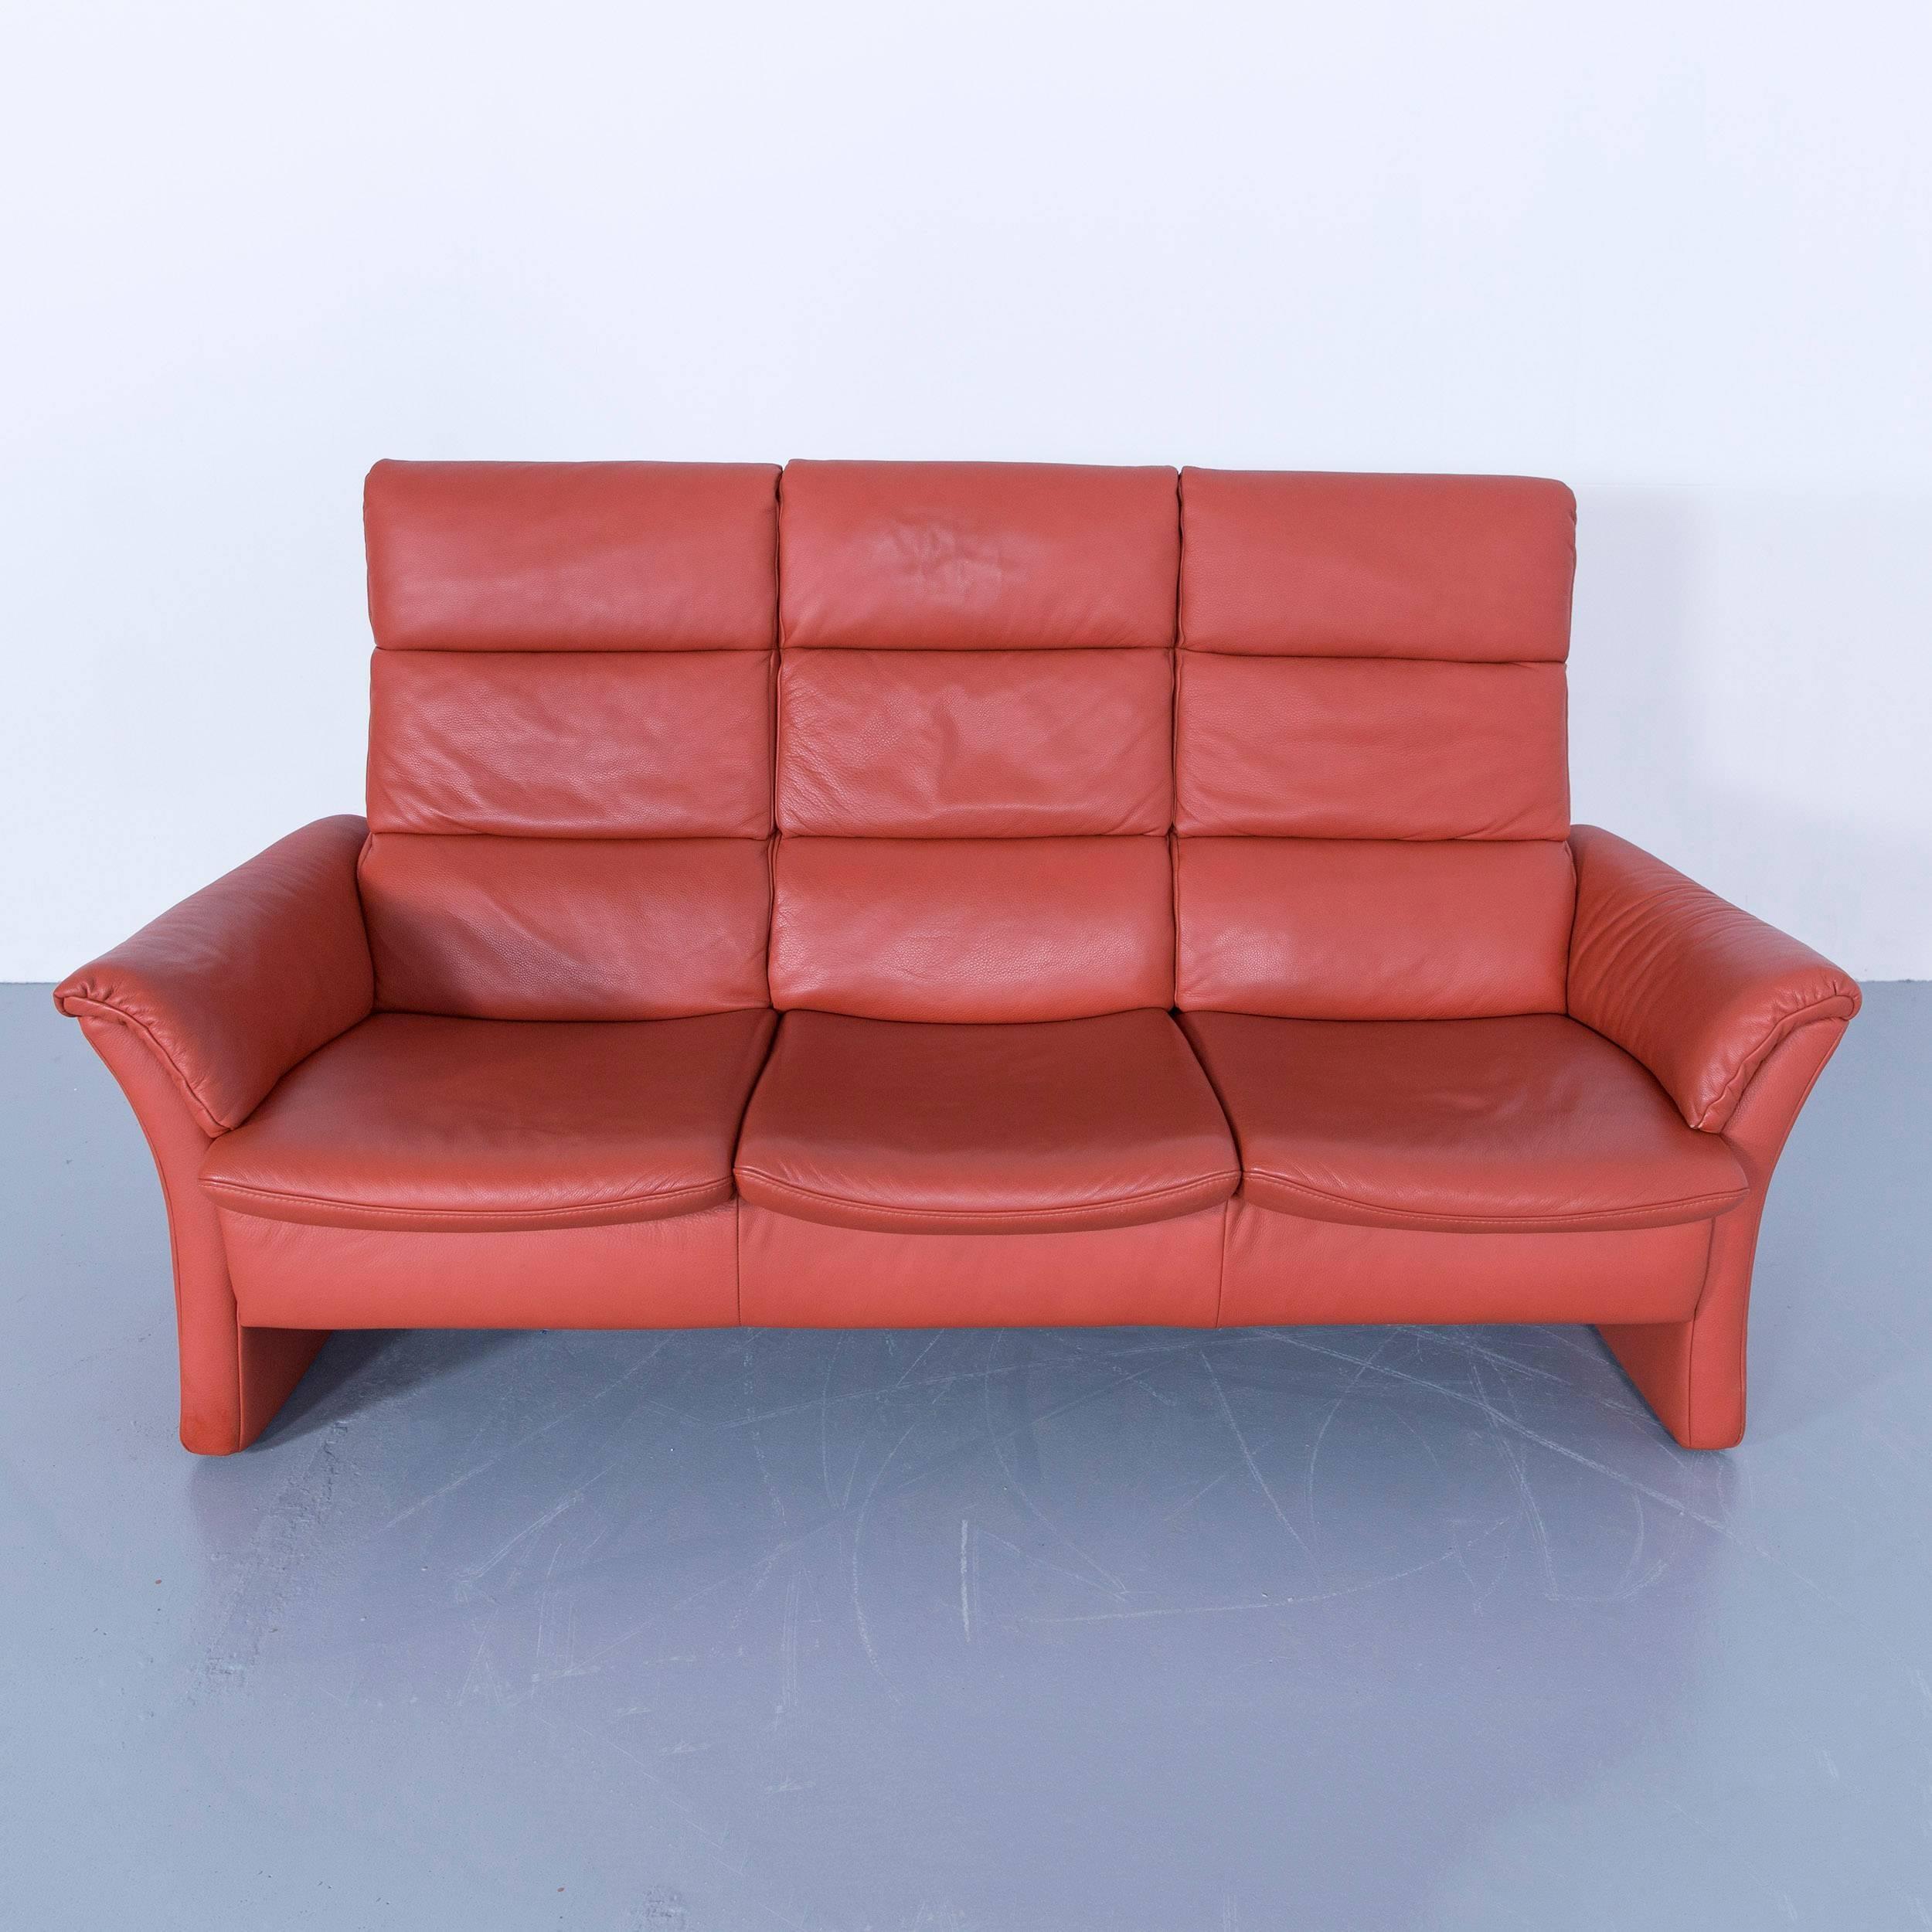 Ansprechend Himolla Sofa Sammlung Von Zerostress Three-seat Leather Orange Relax One Seat